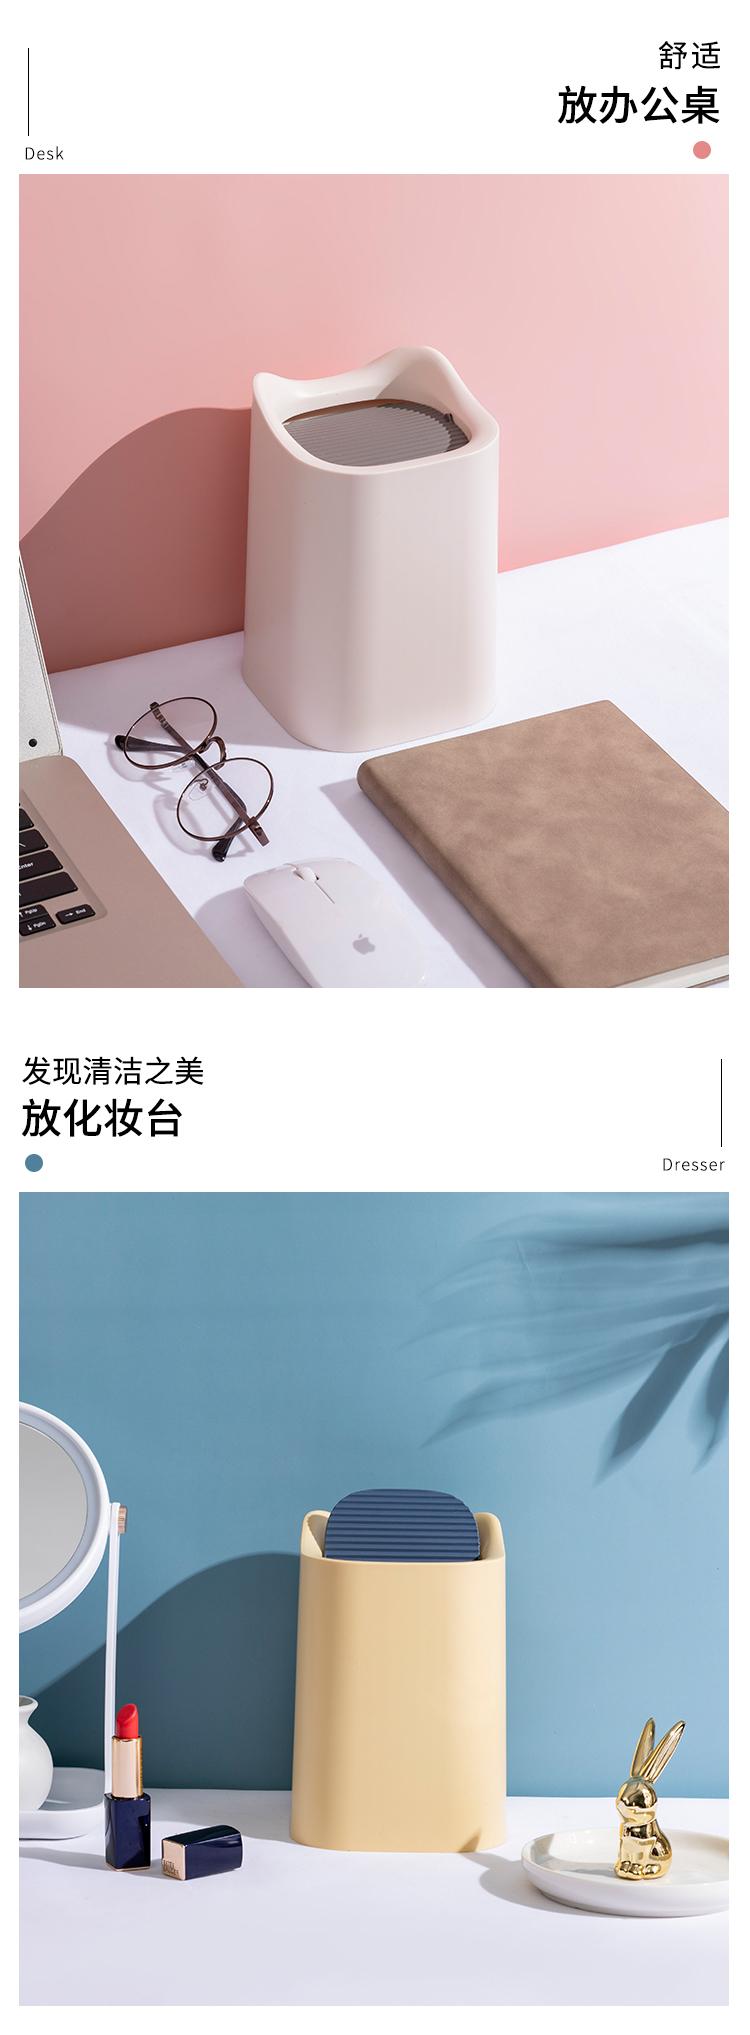 桌面垃圾桶迷你卧室床头创意可爱小号少女垃圾筒收纳家用带盖子详细照片